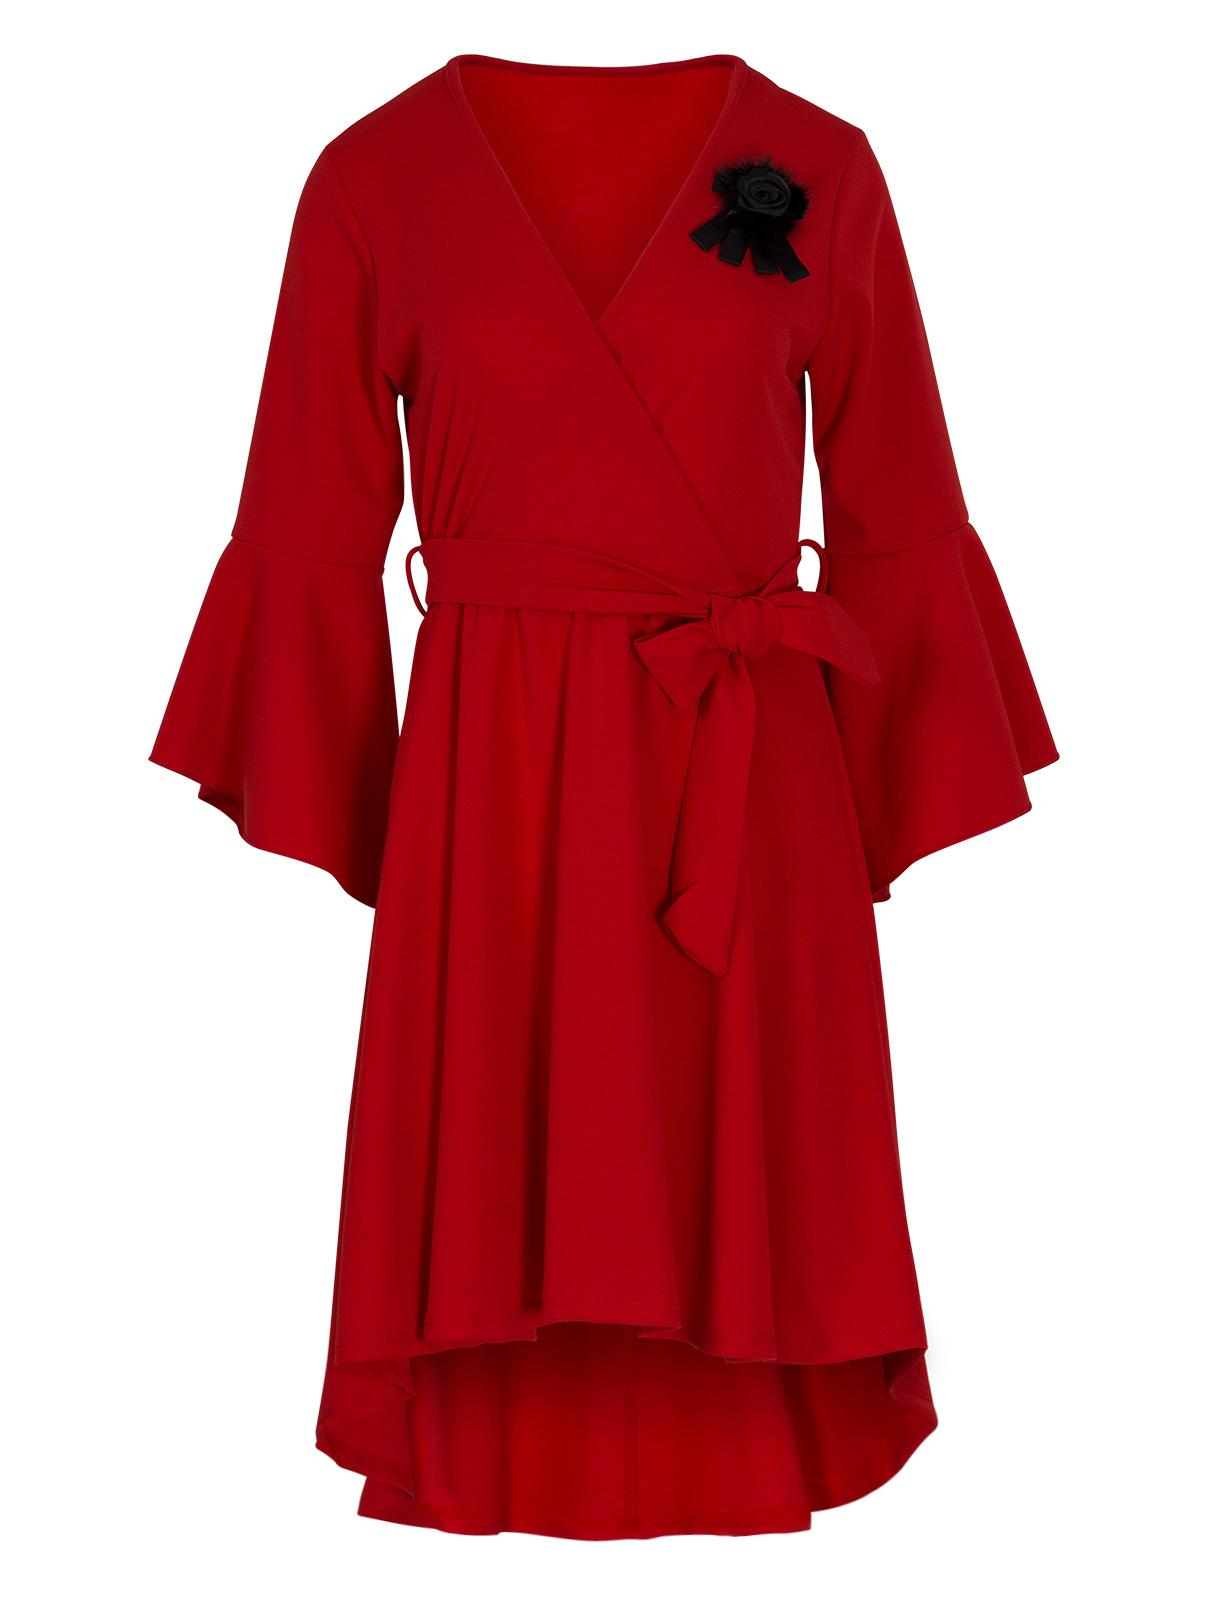 Κόκκινο Ασύμμετρο Φόρεμα με Καρφίτσα γυναικεια   φορέματα   mίνι   μίντι